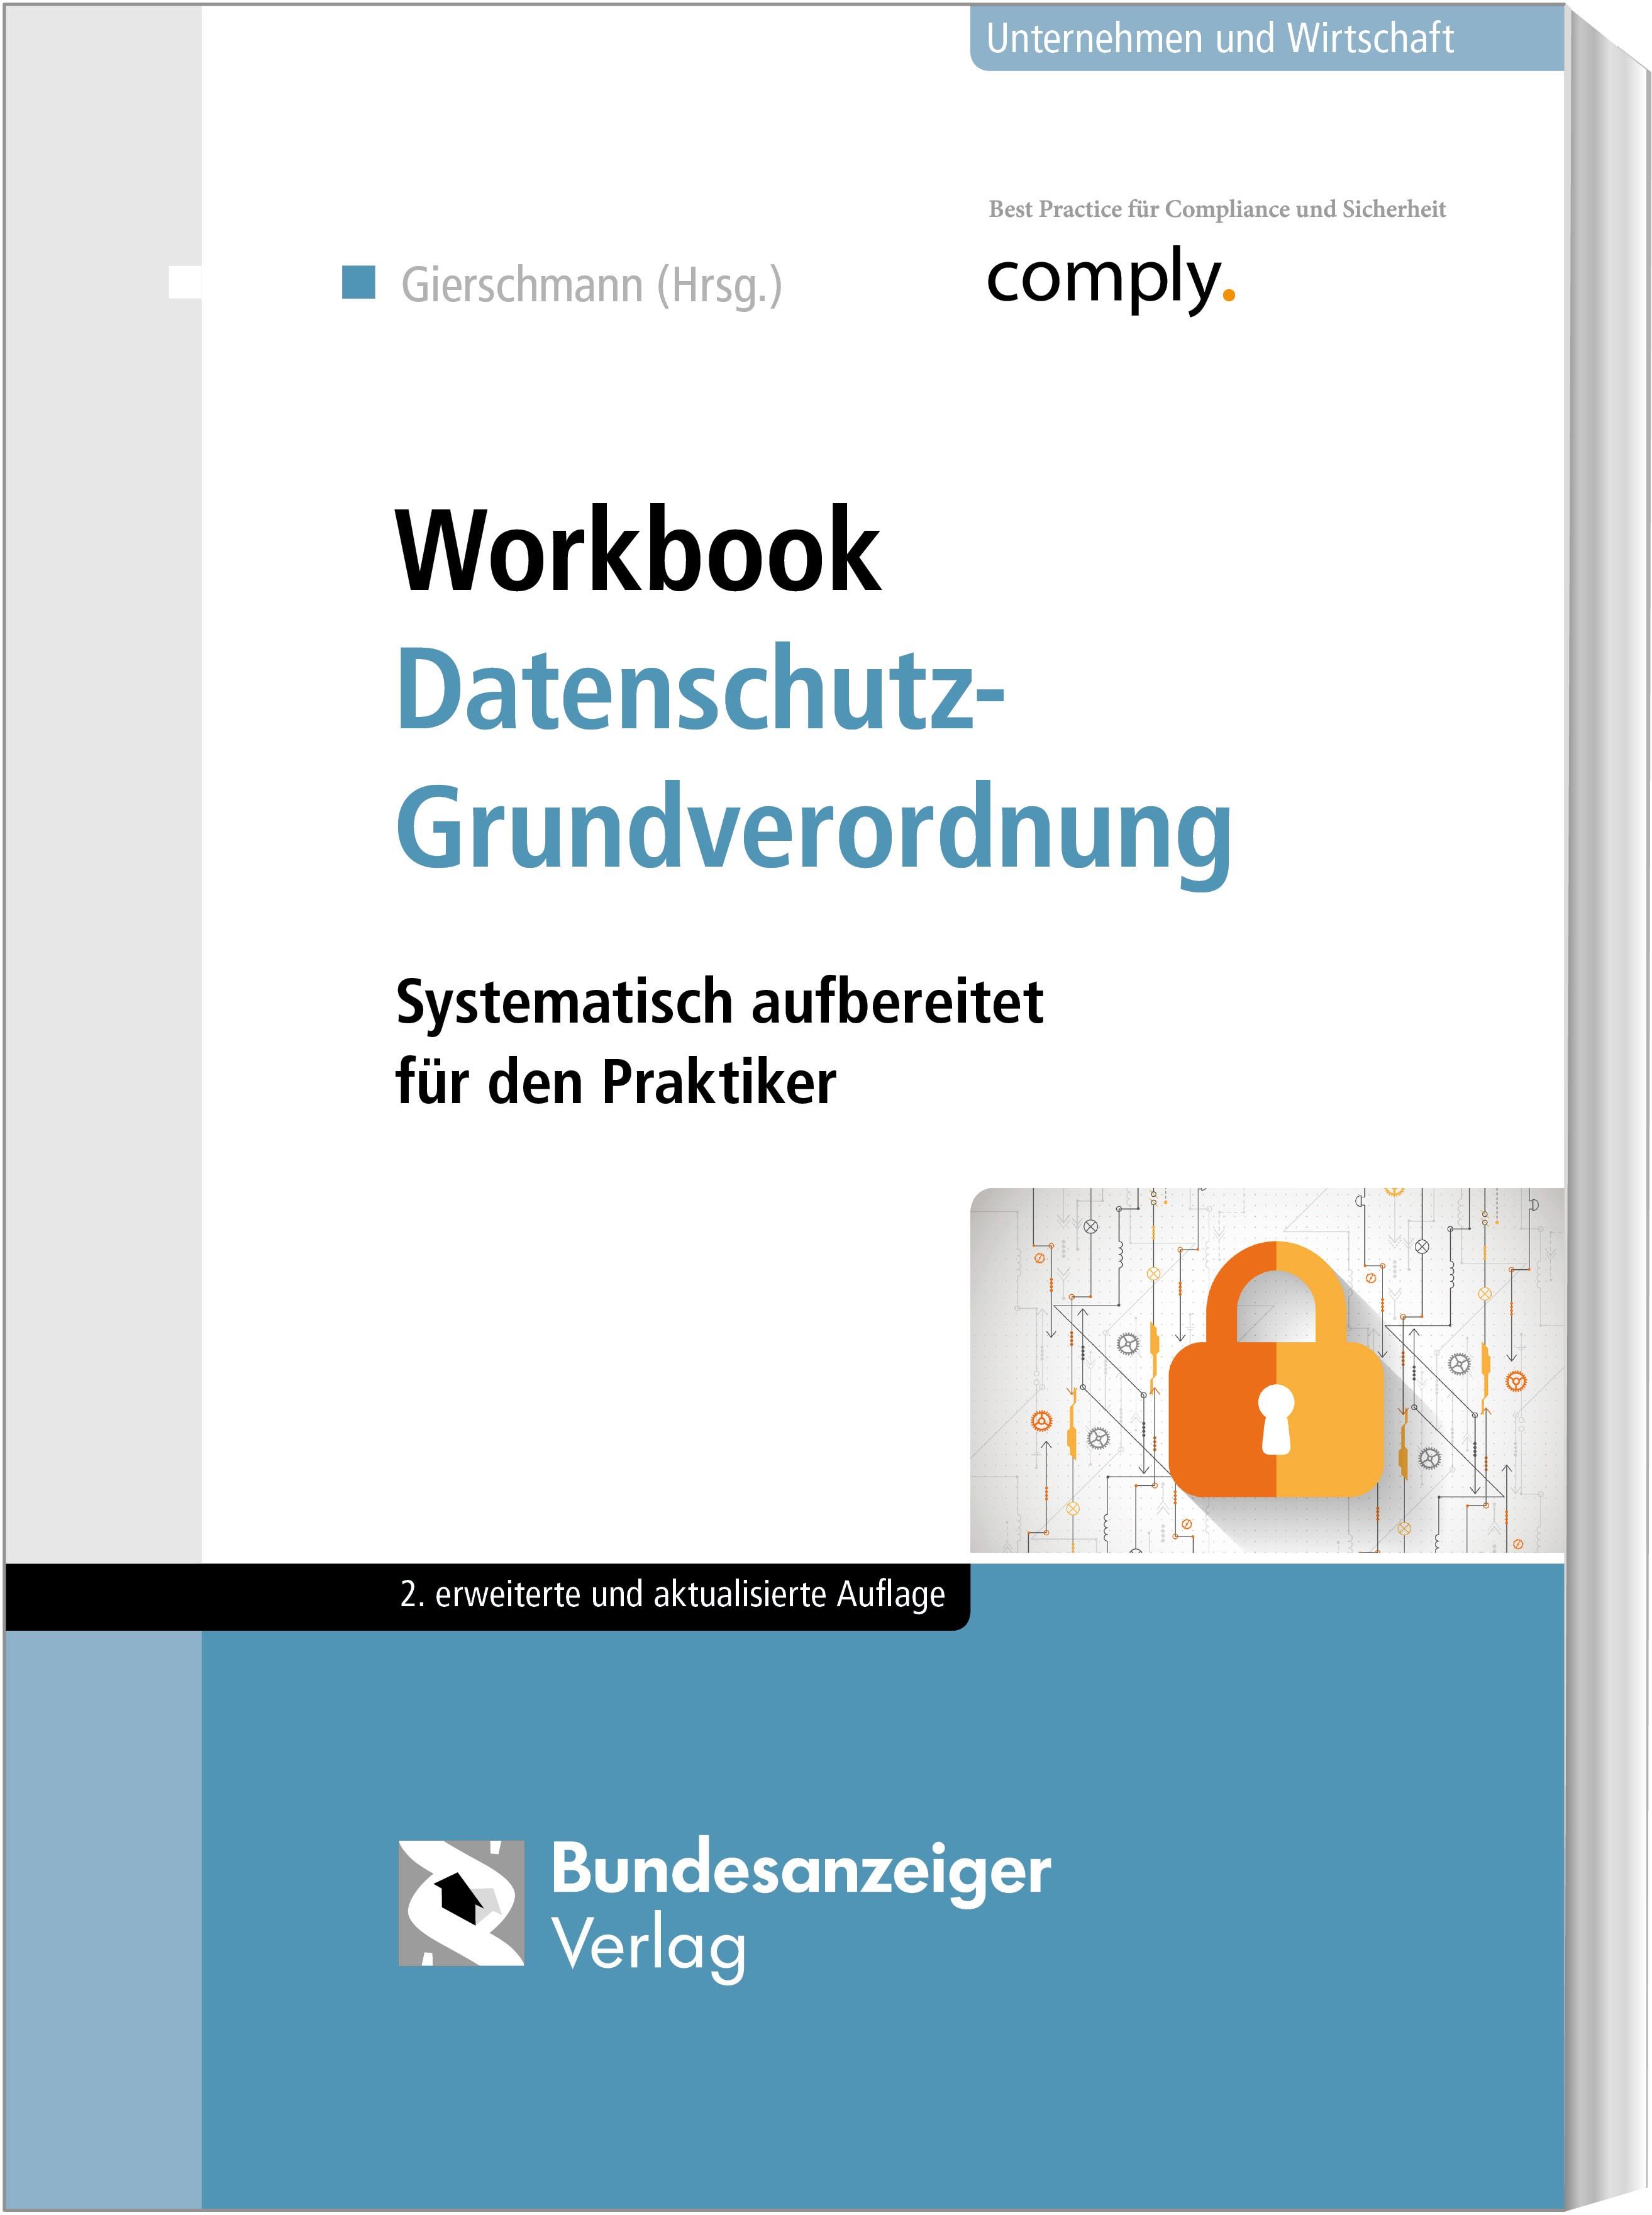 Workbook Datenschutz-Grundverordnung | Gierschmann (Hrsg.) | 2., erweiterte und aktualisierte Auflage, 2018 | Buch (Cover)